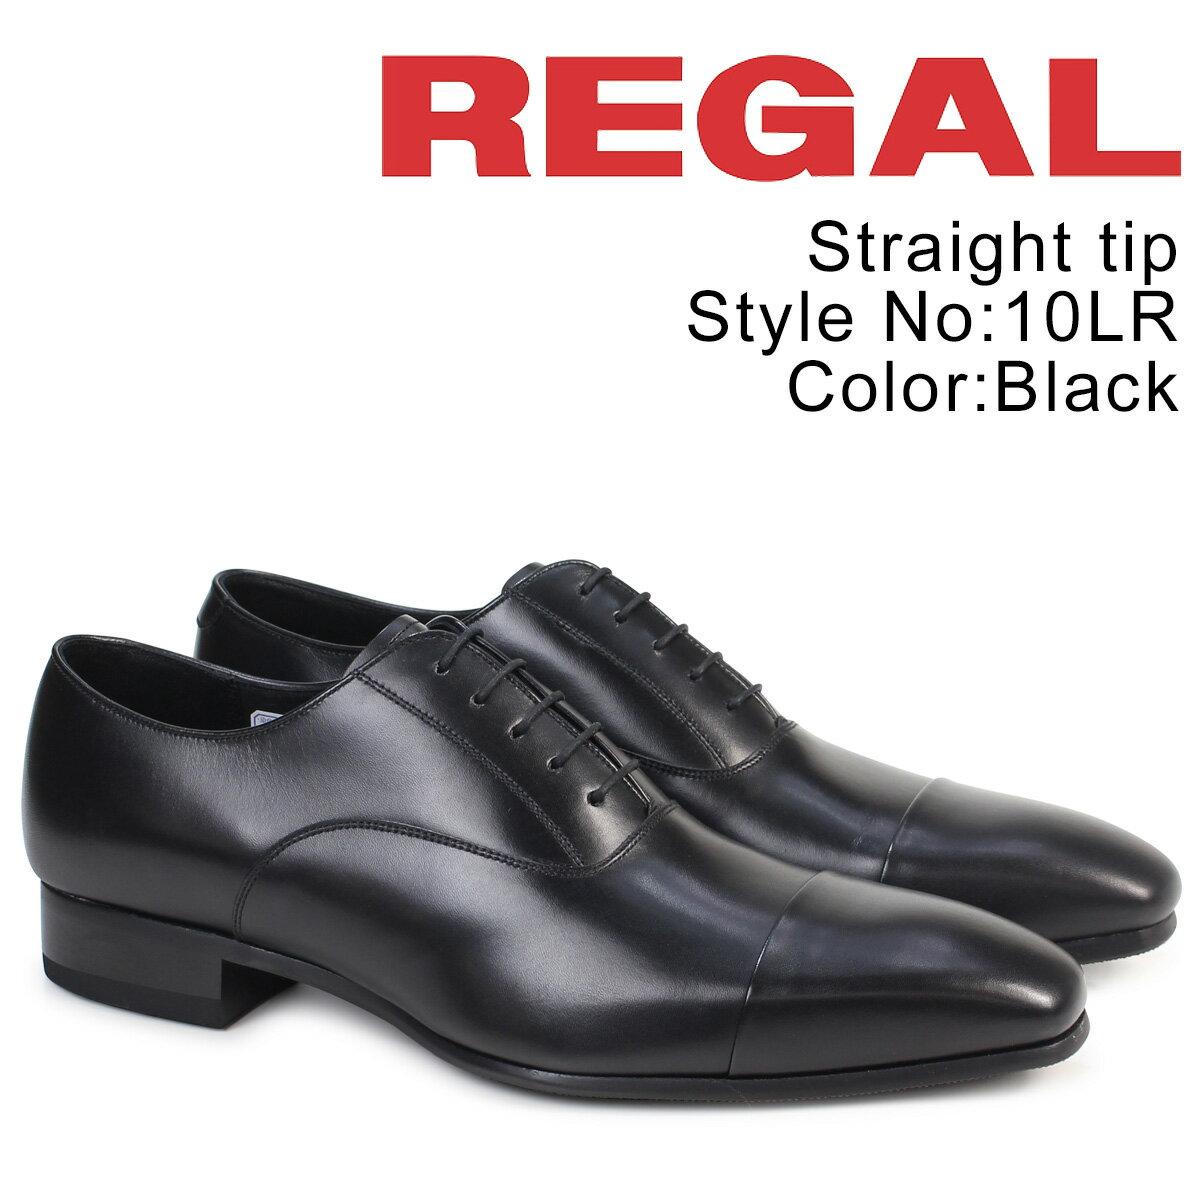 REGAL 靴 メンズ リーガル ストレートチップ 10LRBD ビジネスシューズ 日本製 ブラック [9/14 追加入荷] [179]